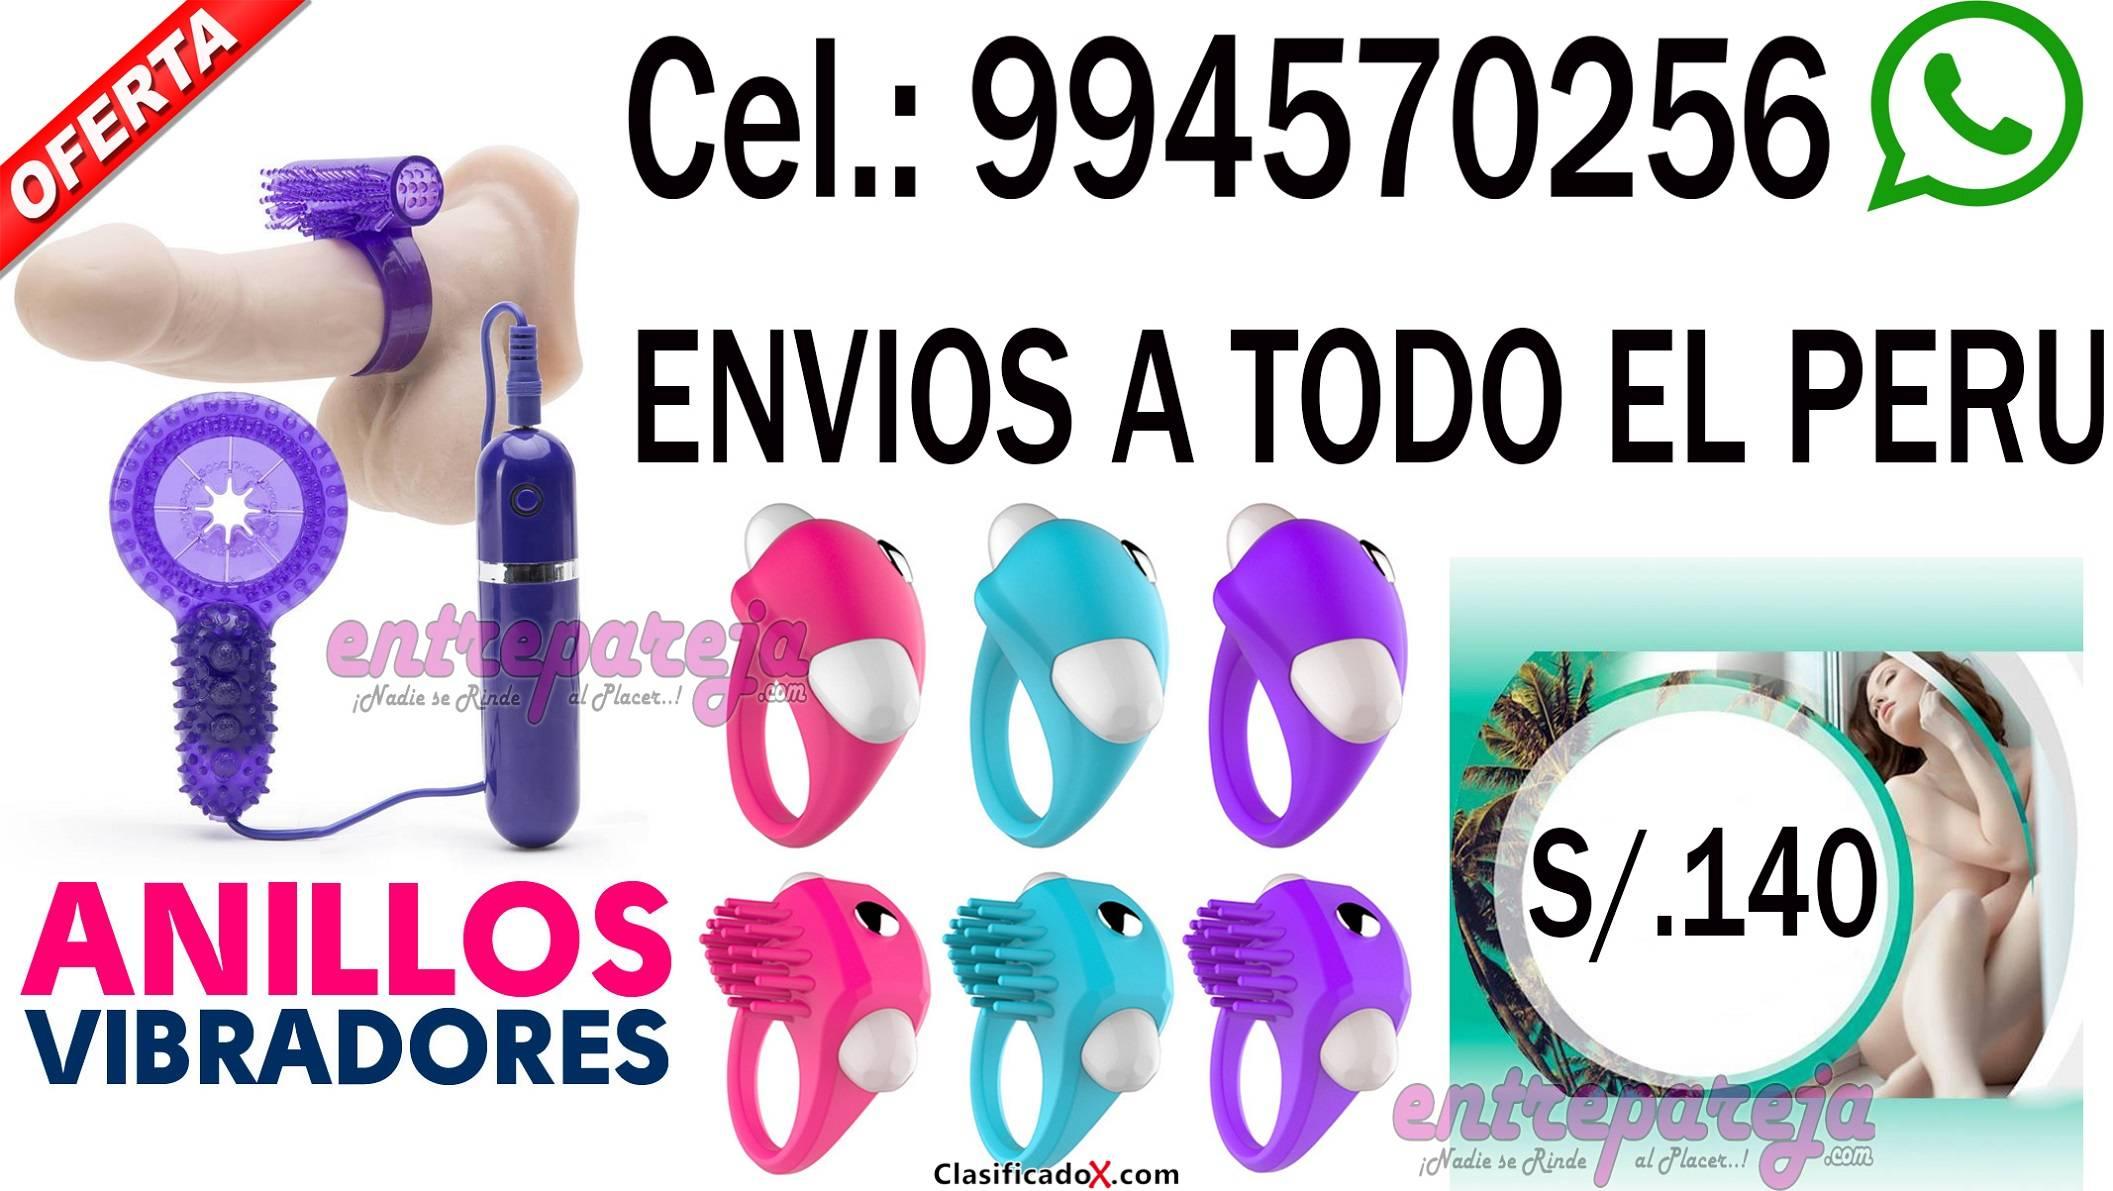 SEXSHOP SEX JUGUETES DE CHICAS - CHICOS EN LIMA 994570256